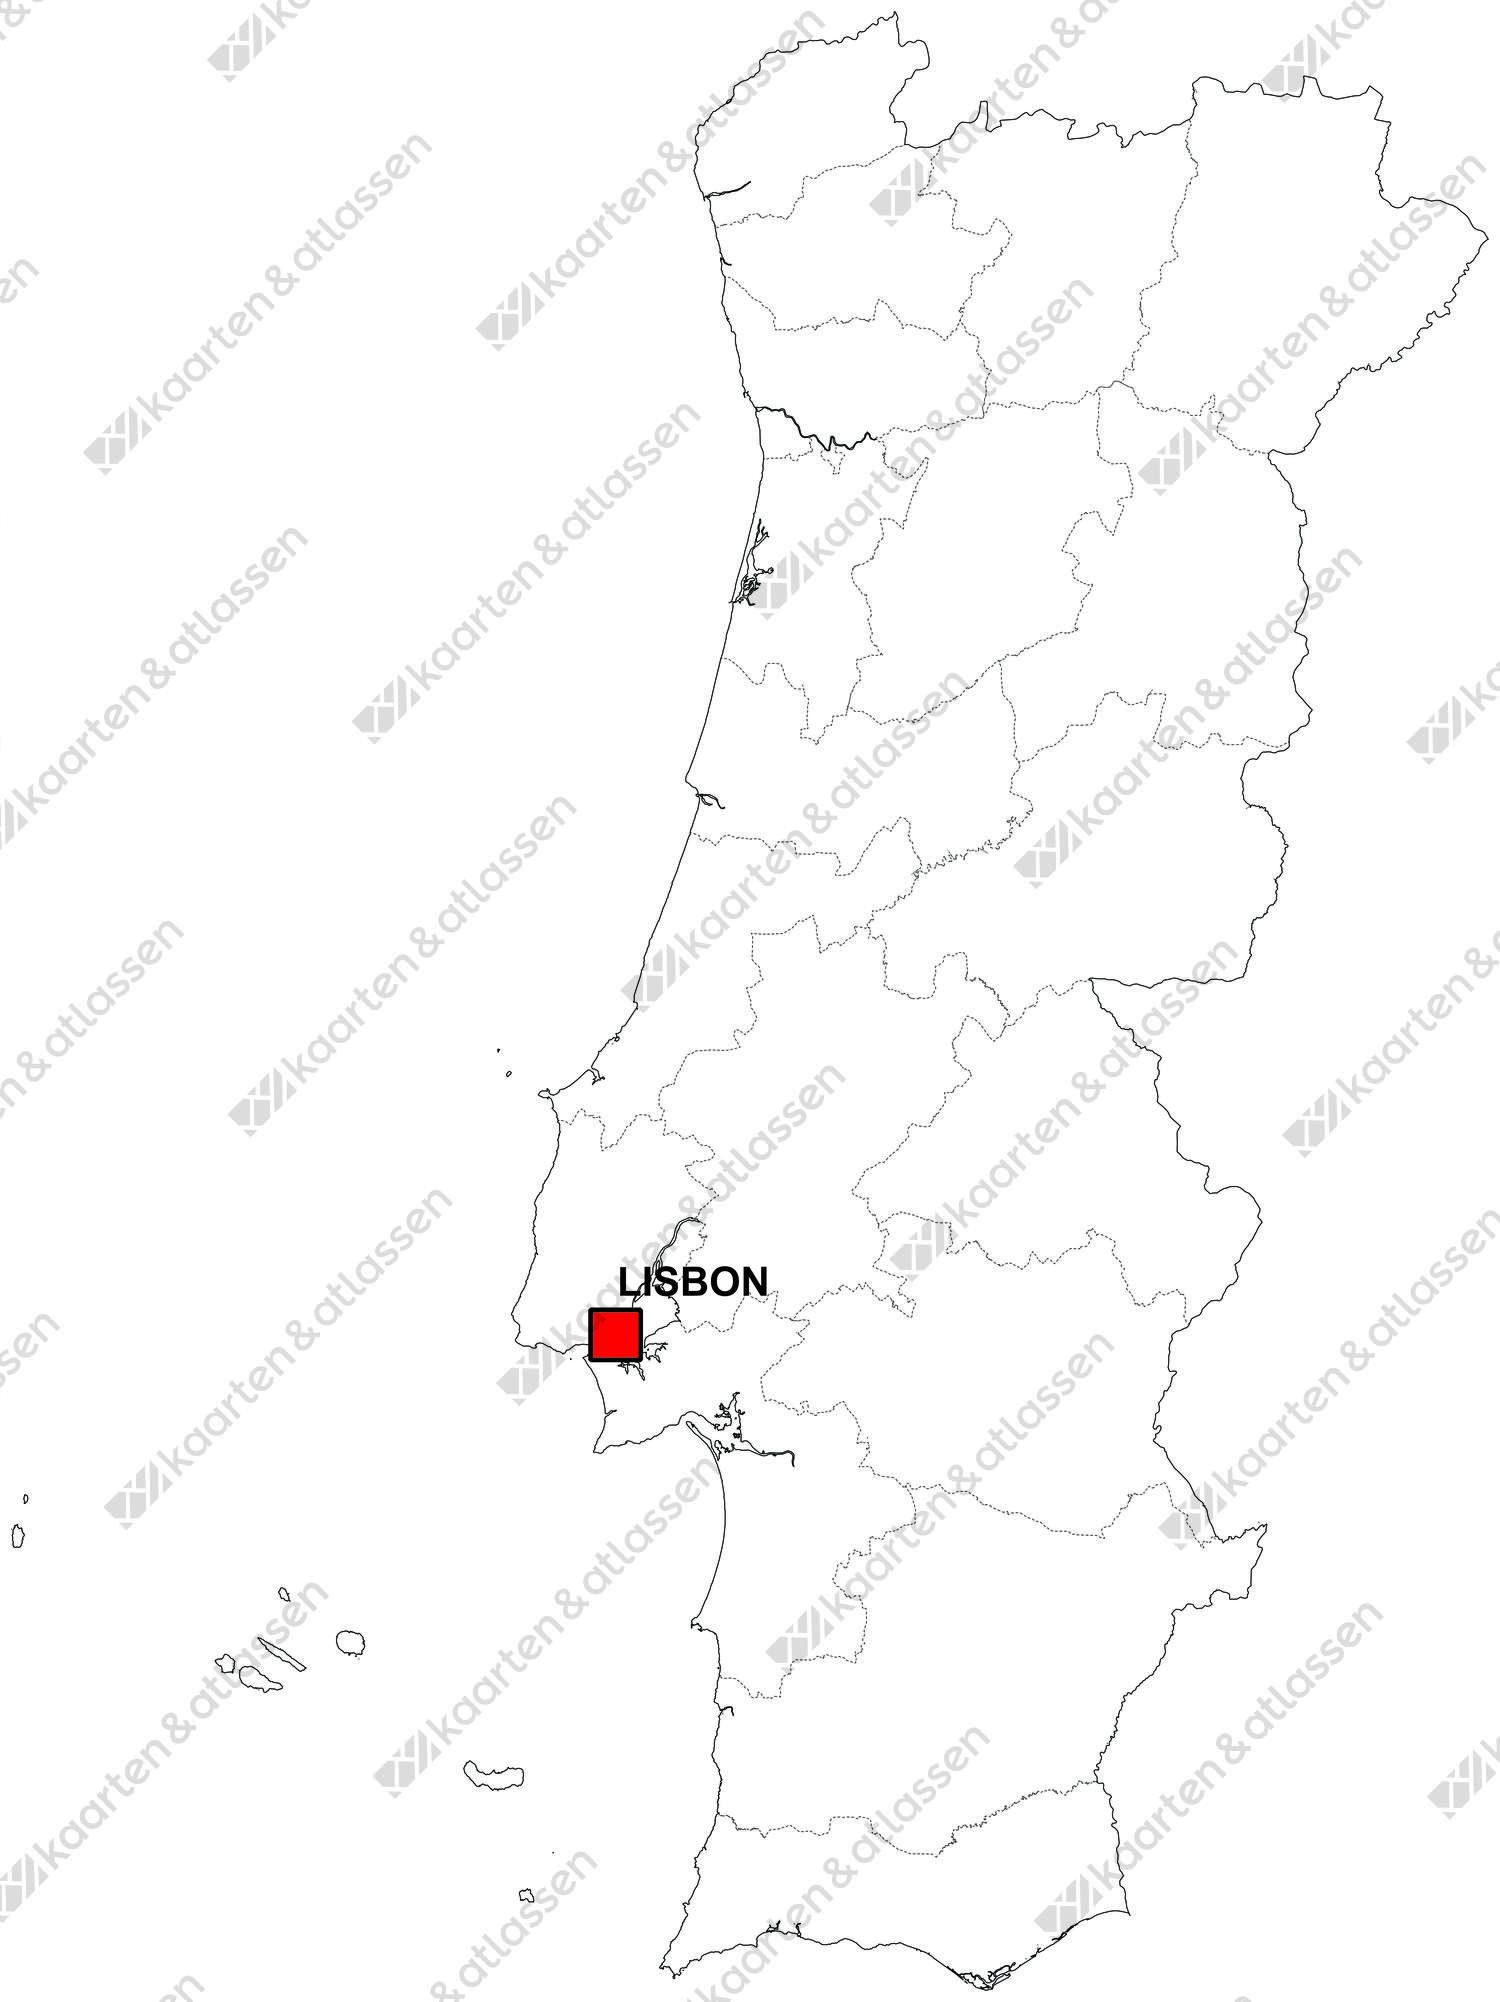 Gratis digitale kaart Portugal